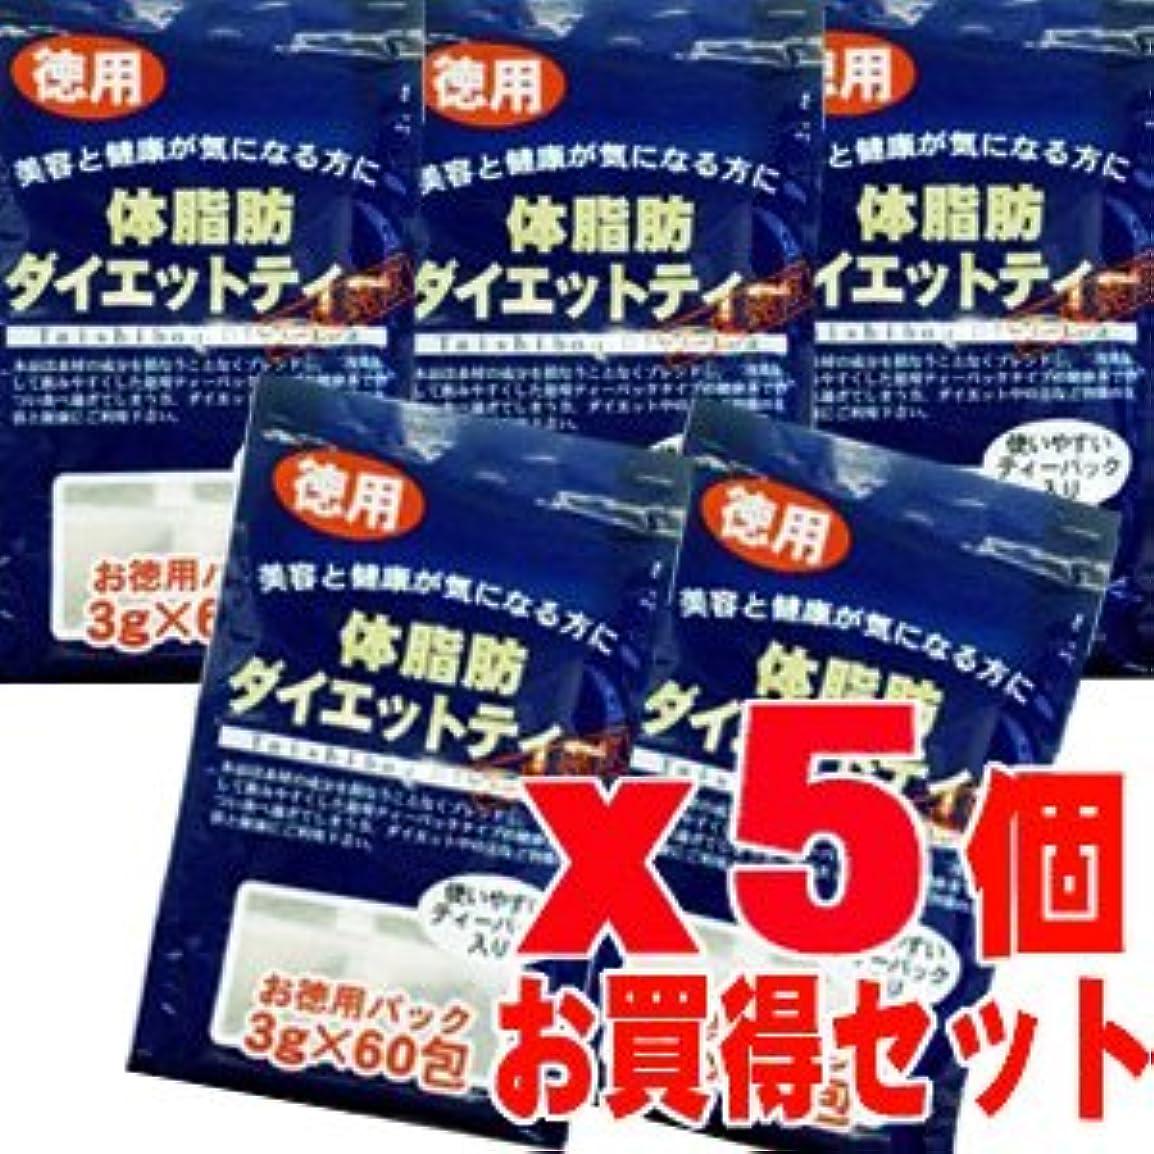 ユウキ製薬(株)徳用 体脂肪ダイエットティー5個セット